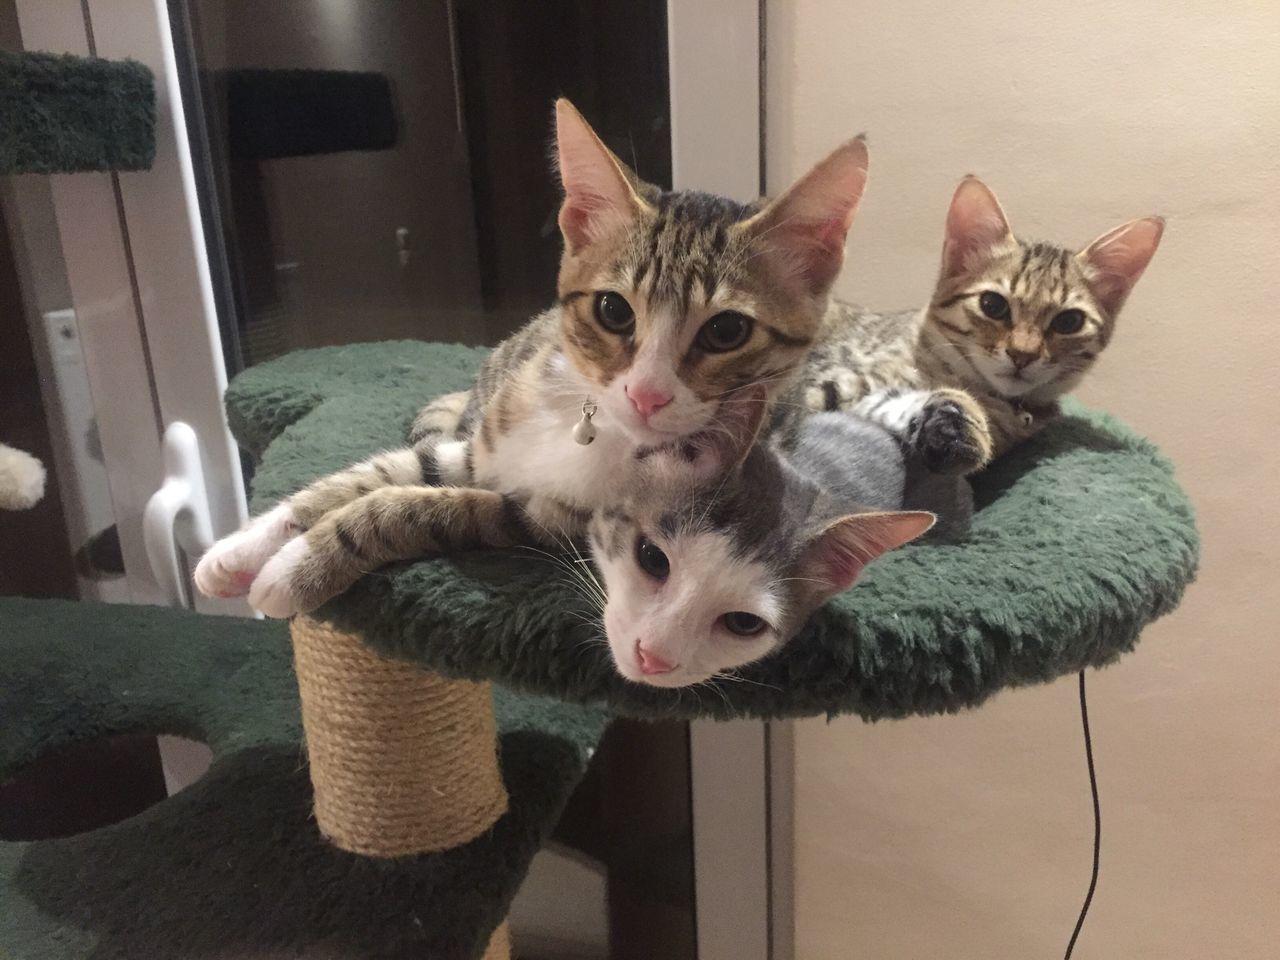 Domestic Cat Domestic Animals Pets Animal Themes Mammal Cat Babycat Looking At Camera